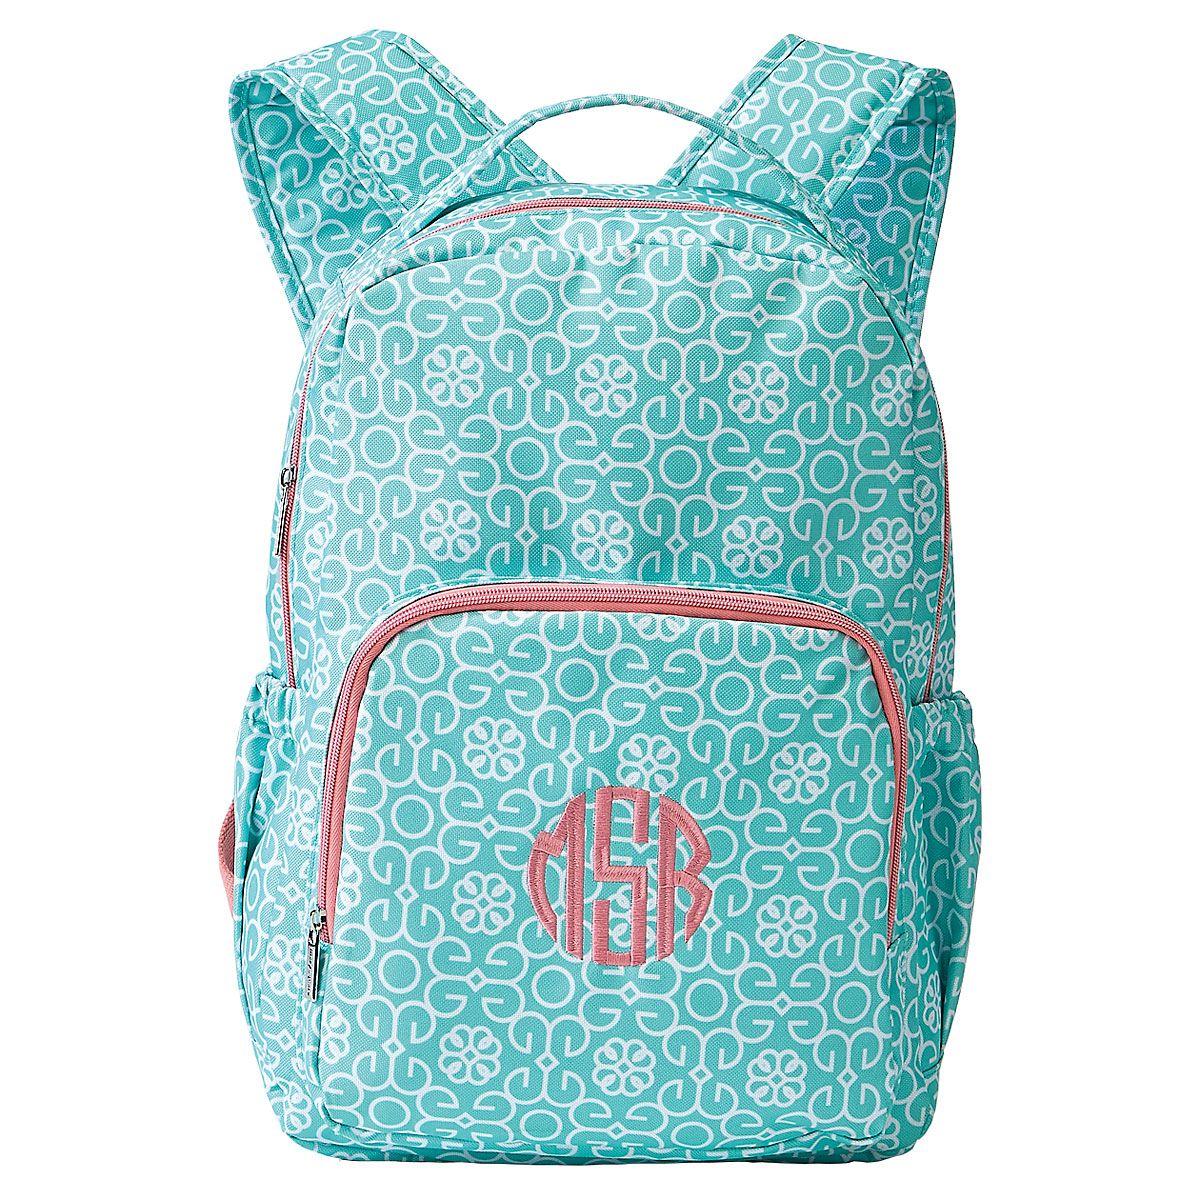 Mint Damask Backpack - Name